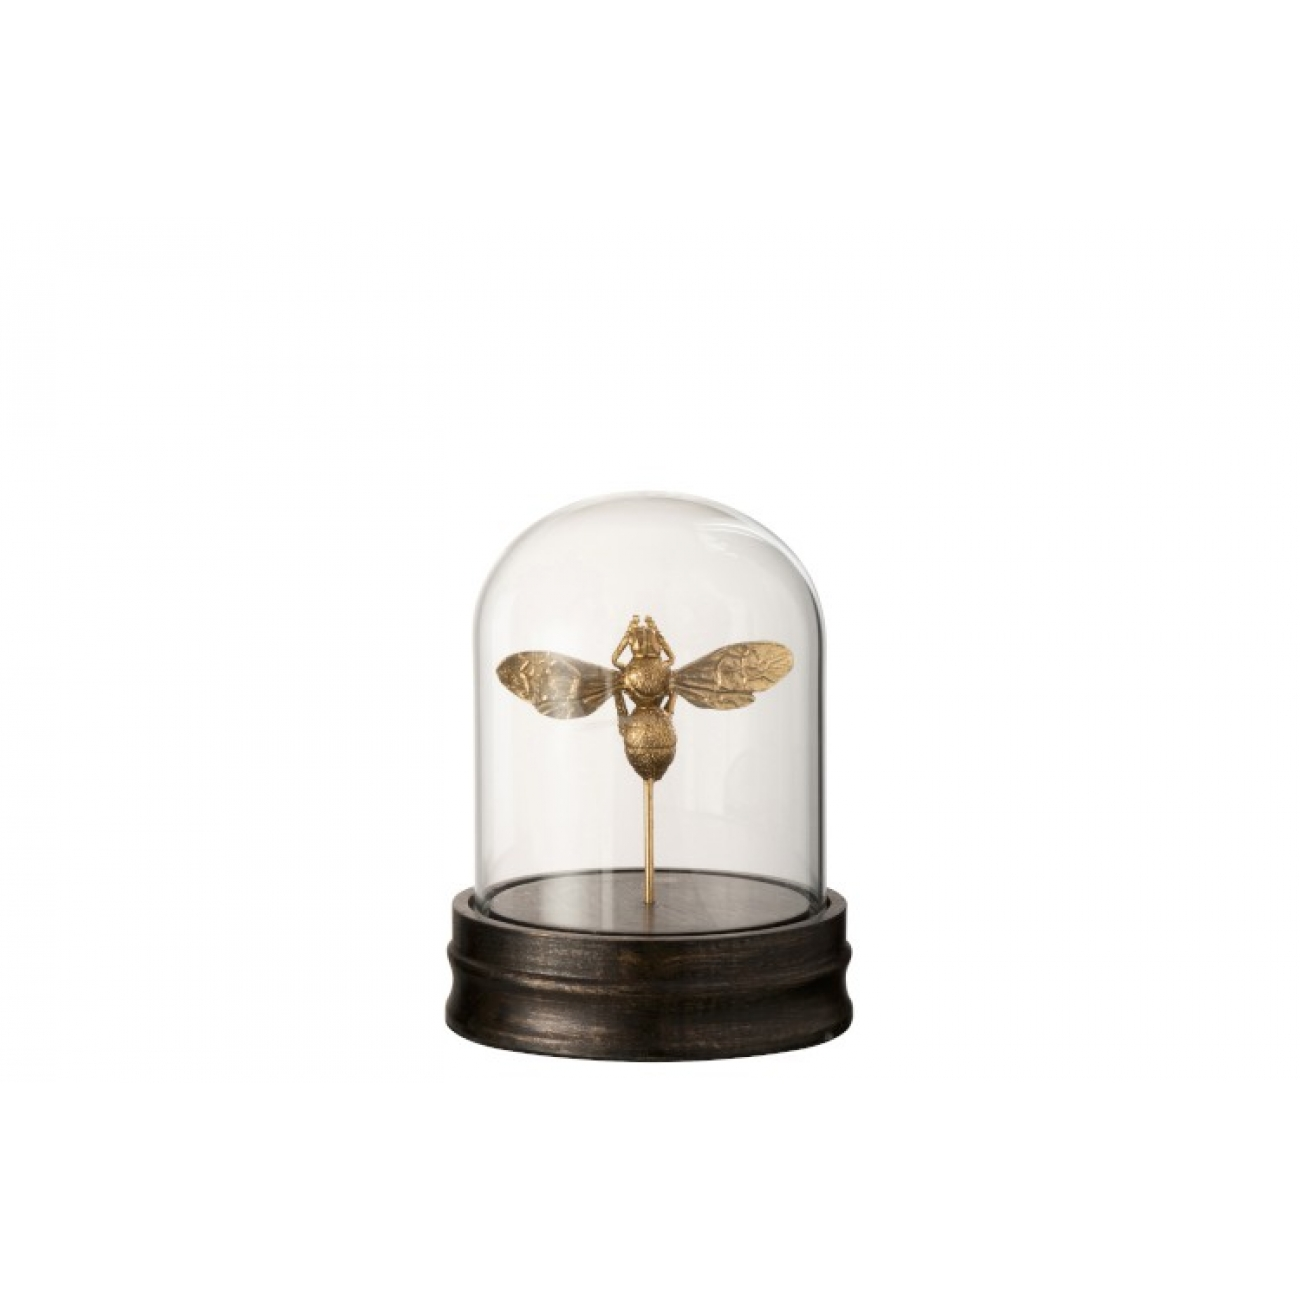 Статуэтка бабочка J-LINE под стеклянным куполом золотистая высота 18 см Бельгия